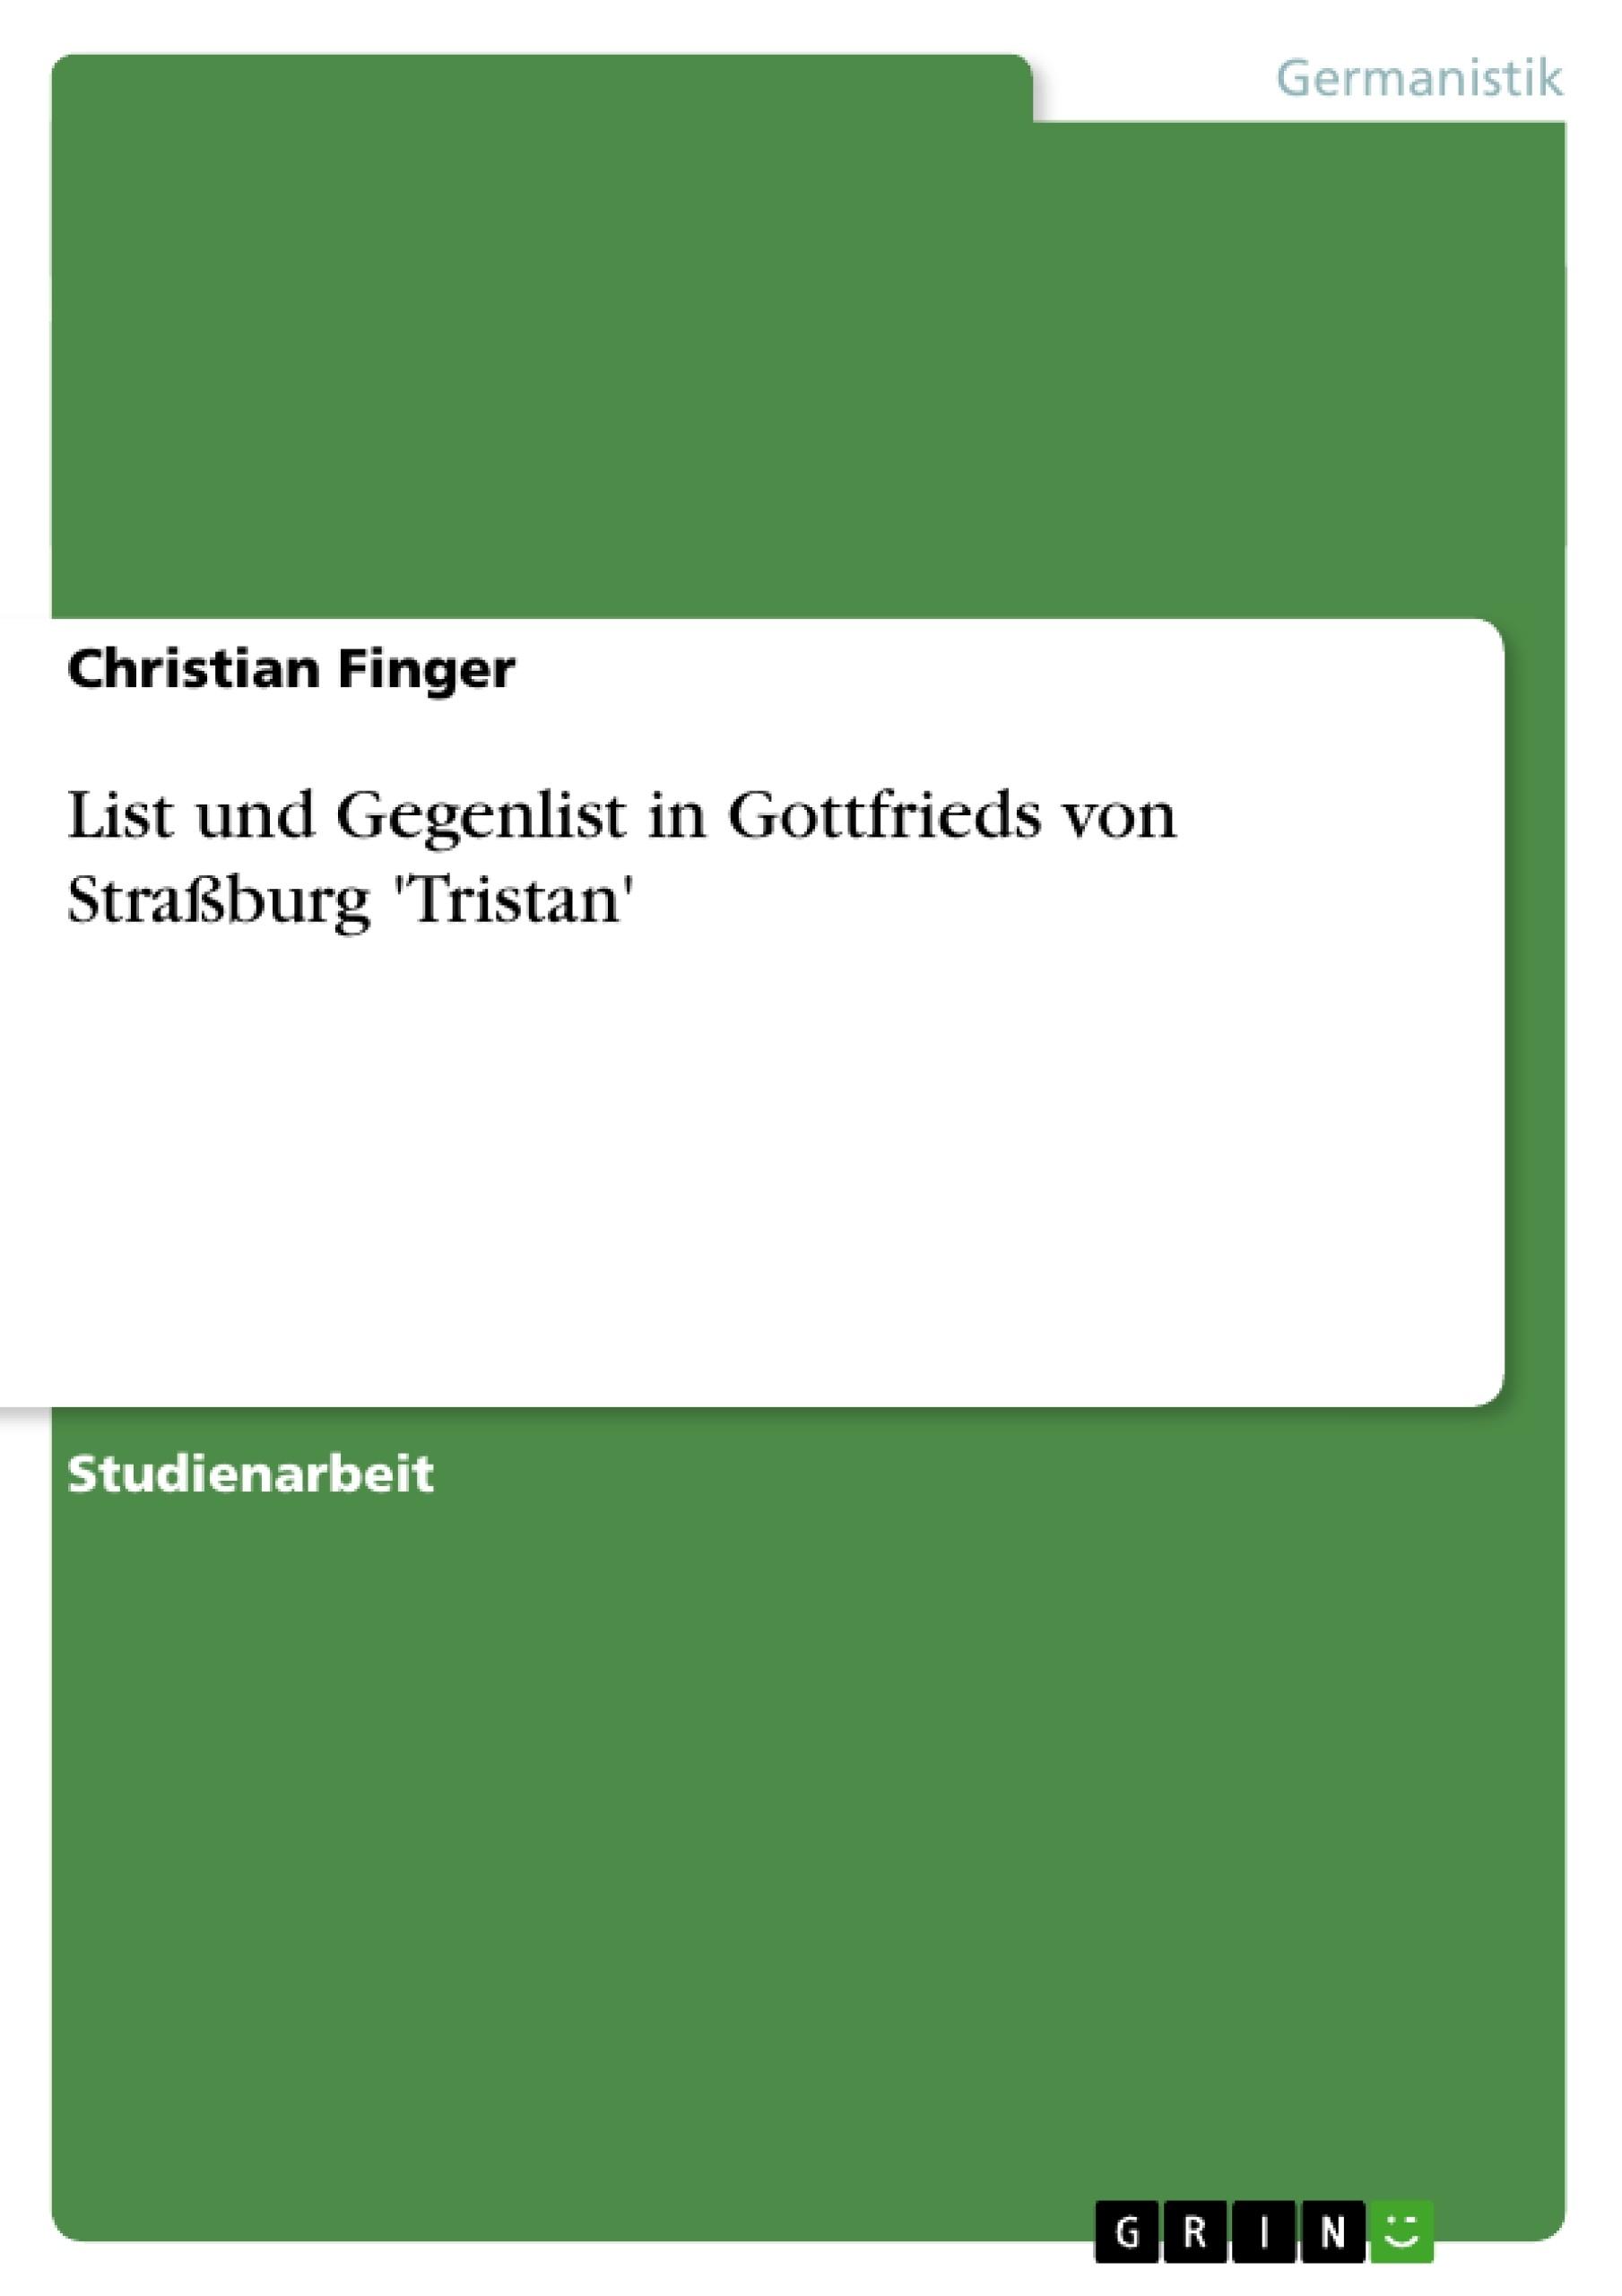 Titel: List und Gegenlist in Gottfrieds von Straßburg 'Tristan'